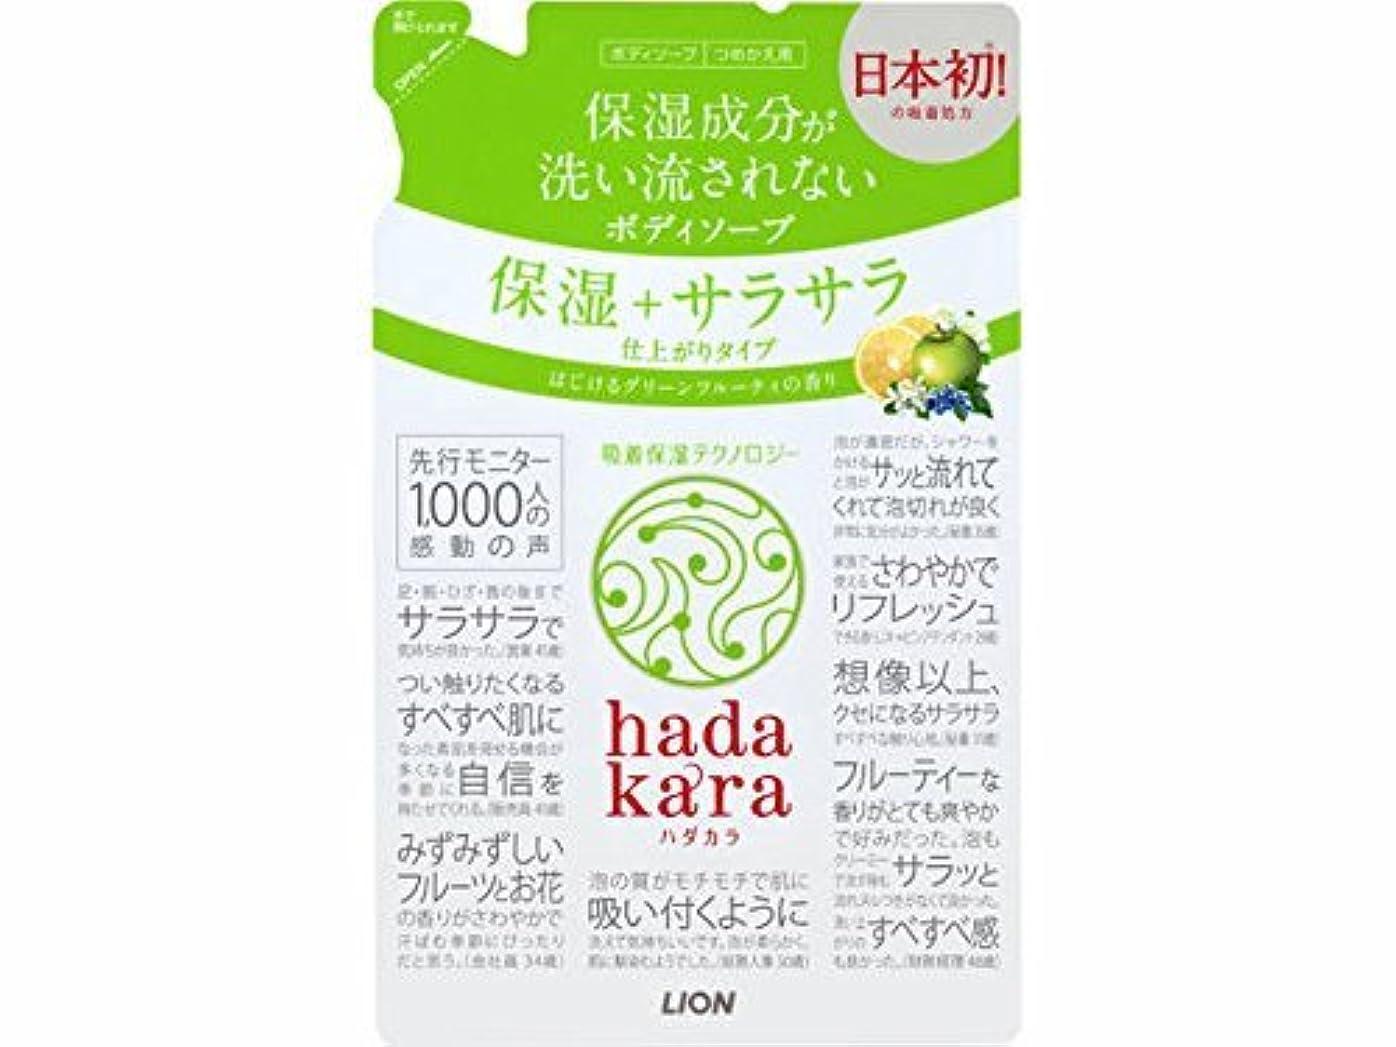 トレイル鎖分析的なライオン hadakara(ハダカラ)ボディソープ 保湿+サラサラ仕上がりタイプ グリーンフルーティの香り つめかえ用